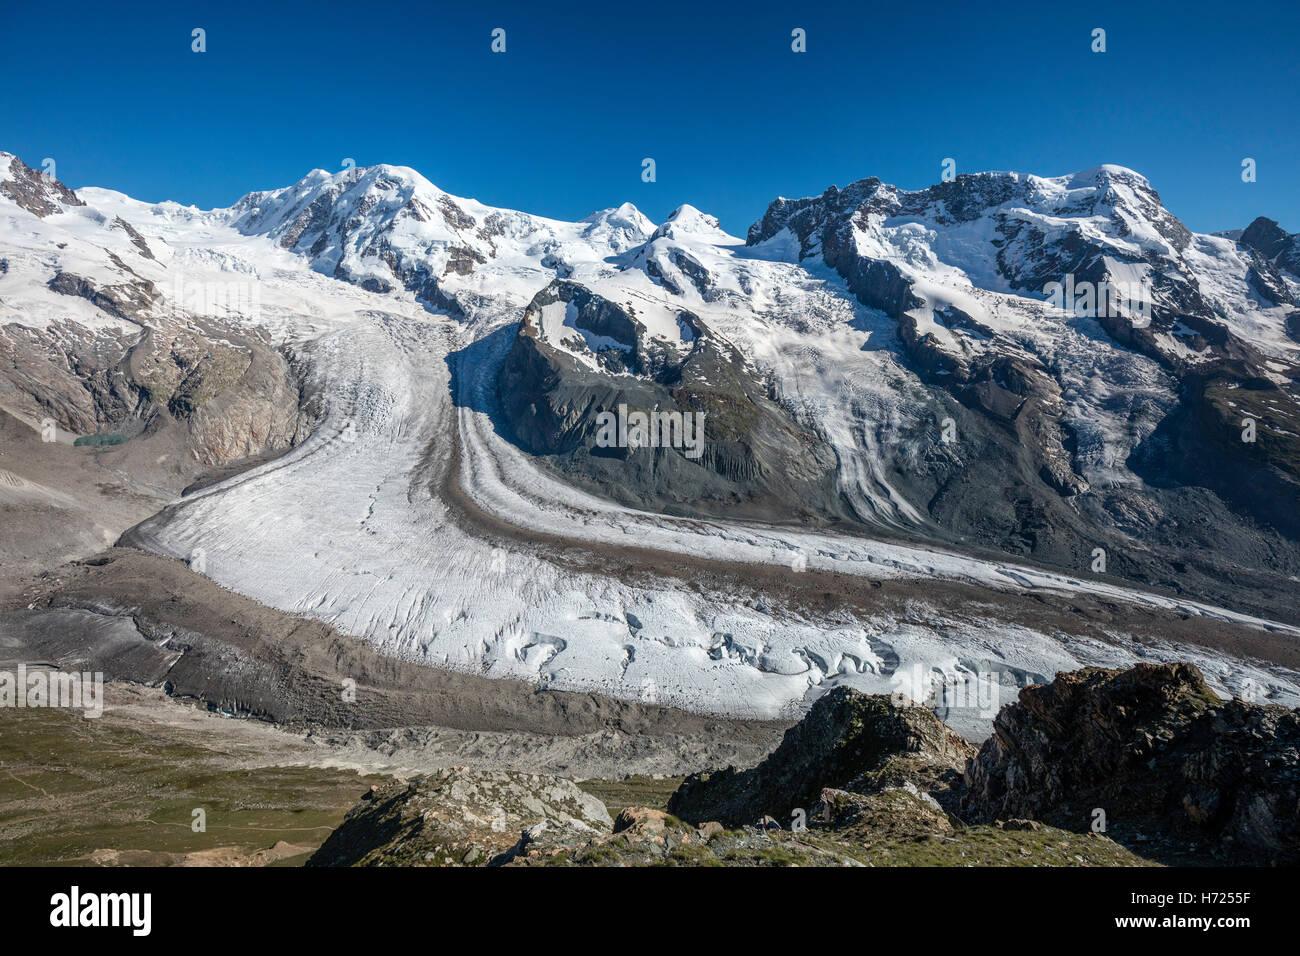 Lyskamm and Breithorn above the Gorner Glacier, Zermatt, Pennine Alps, Valais, Switzerland. - Stock Image